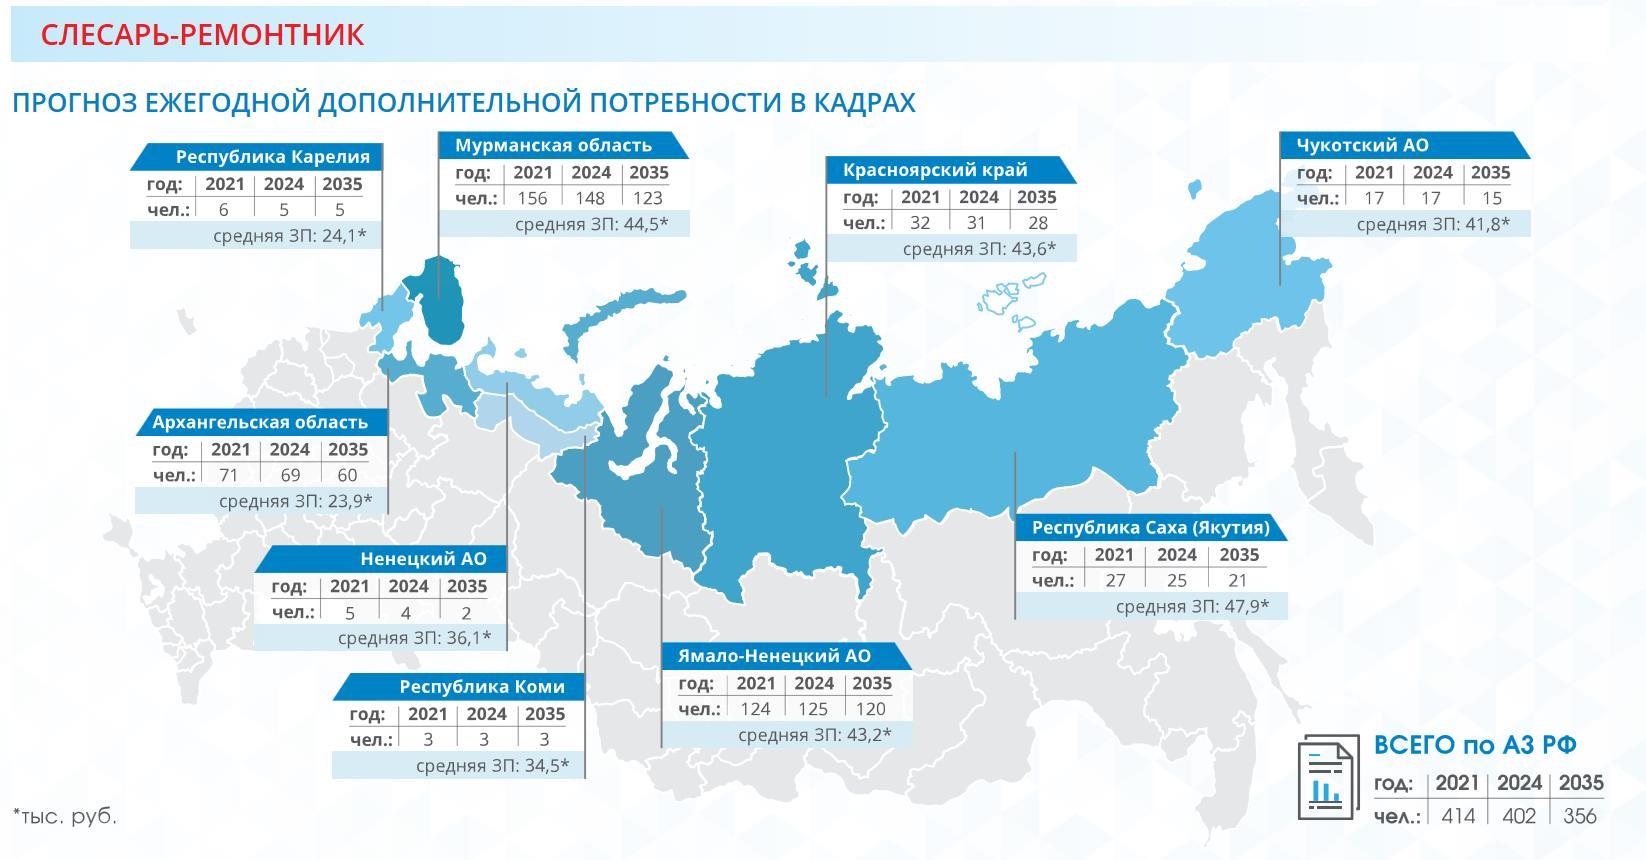 Слесарь-ремонтник в Арктике з/п и место открытых